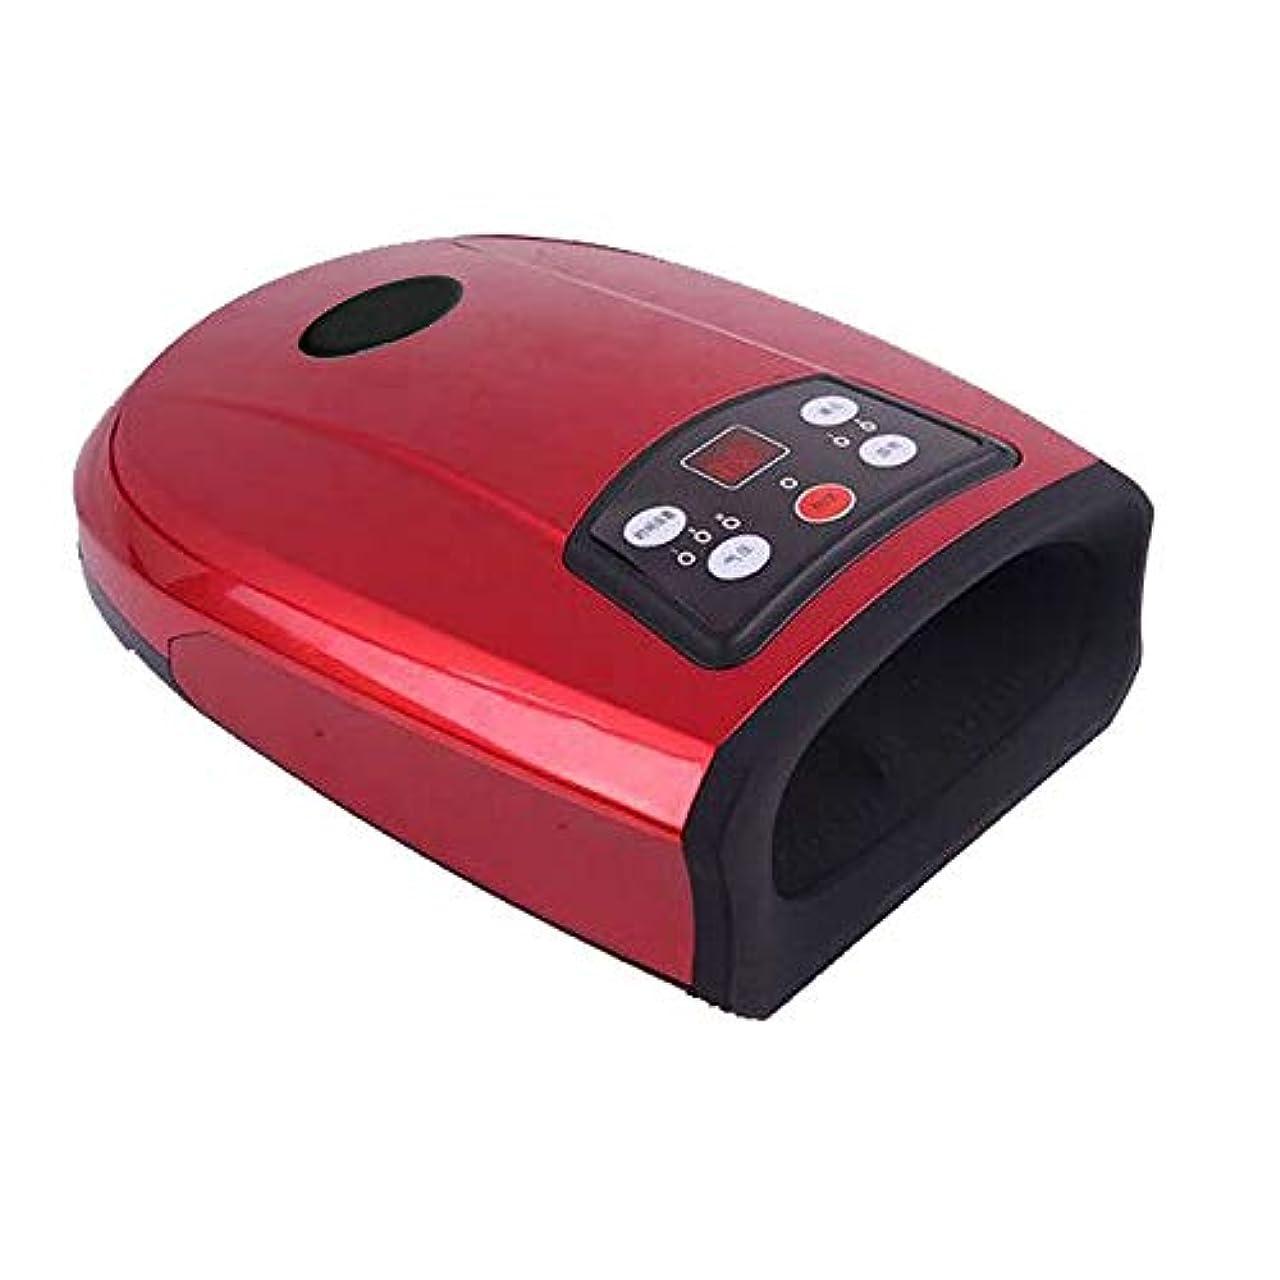 アイデアマグ有用指のための空気圧熱圧縮装置が付いている指圧のやし手のマッサージ緊張のしびれの救助および血の循環の加速,Red